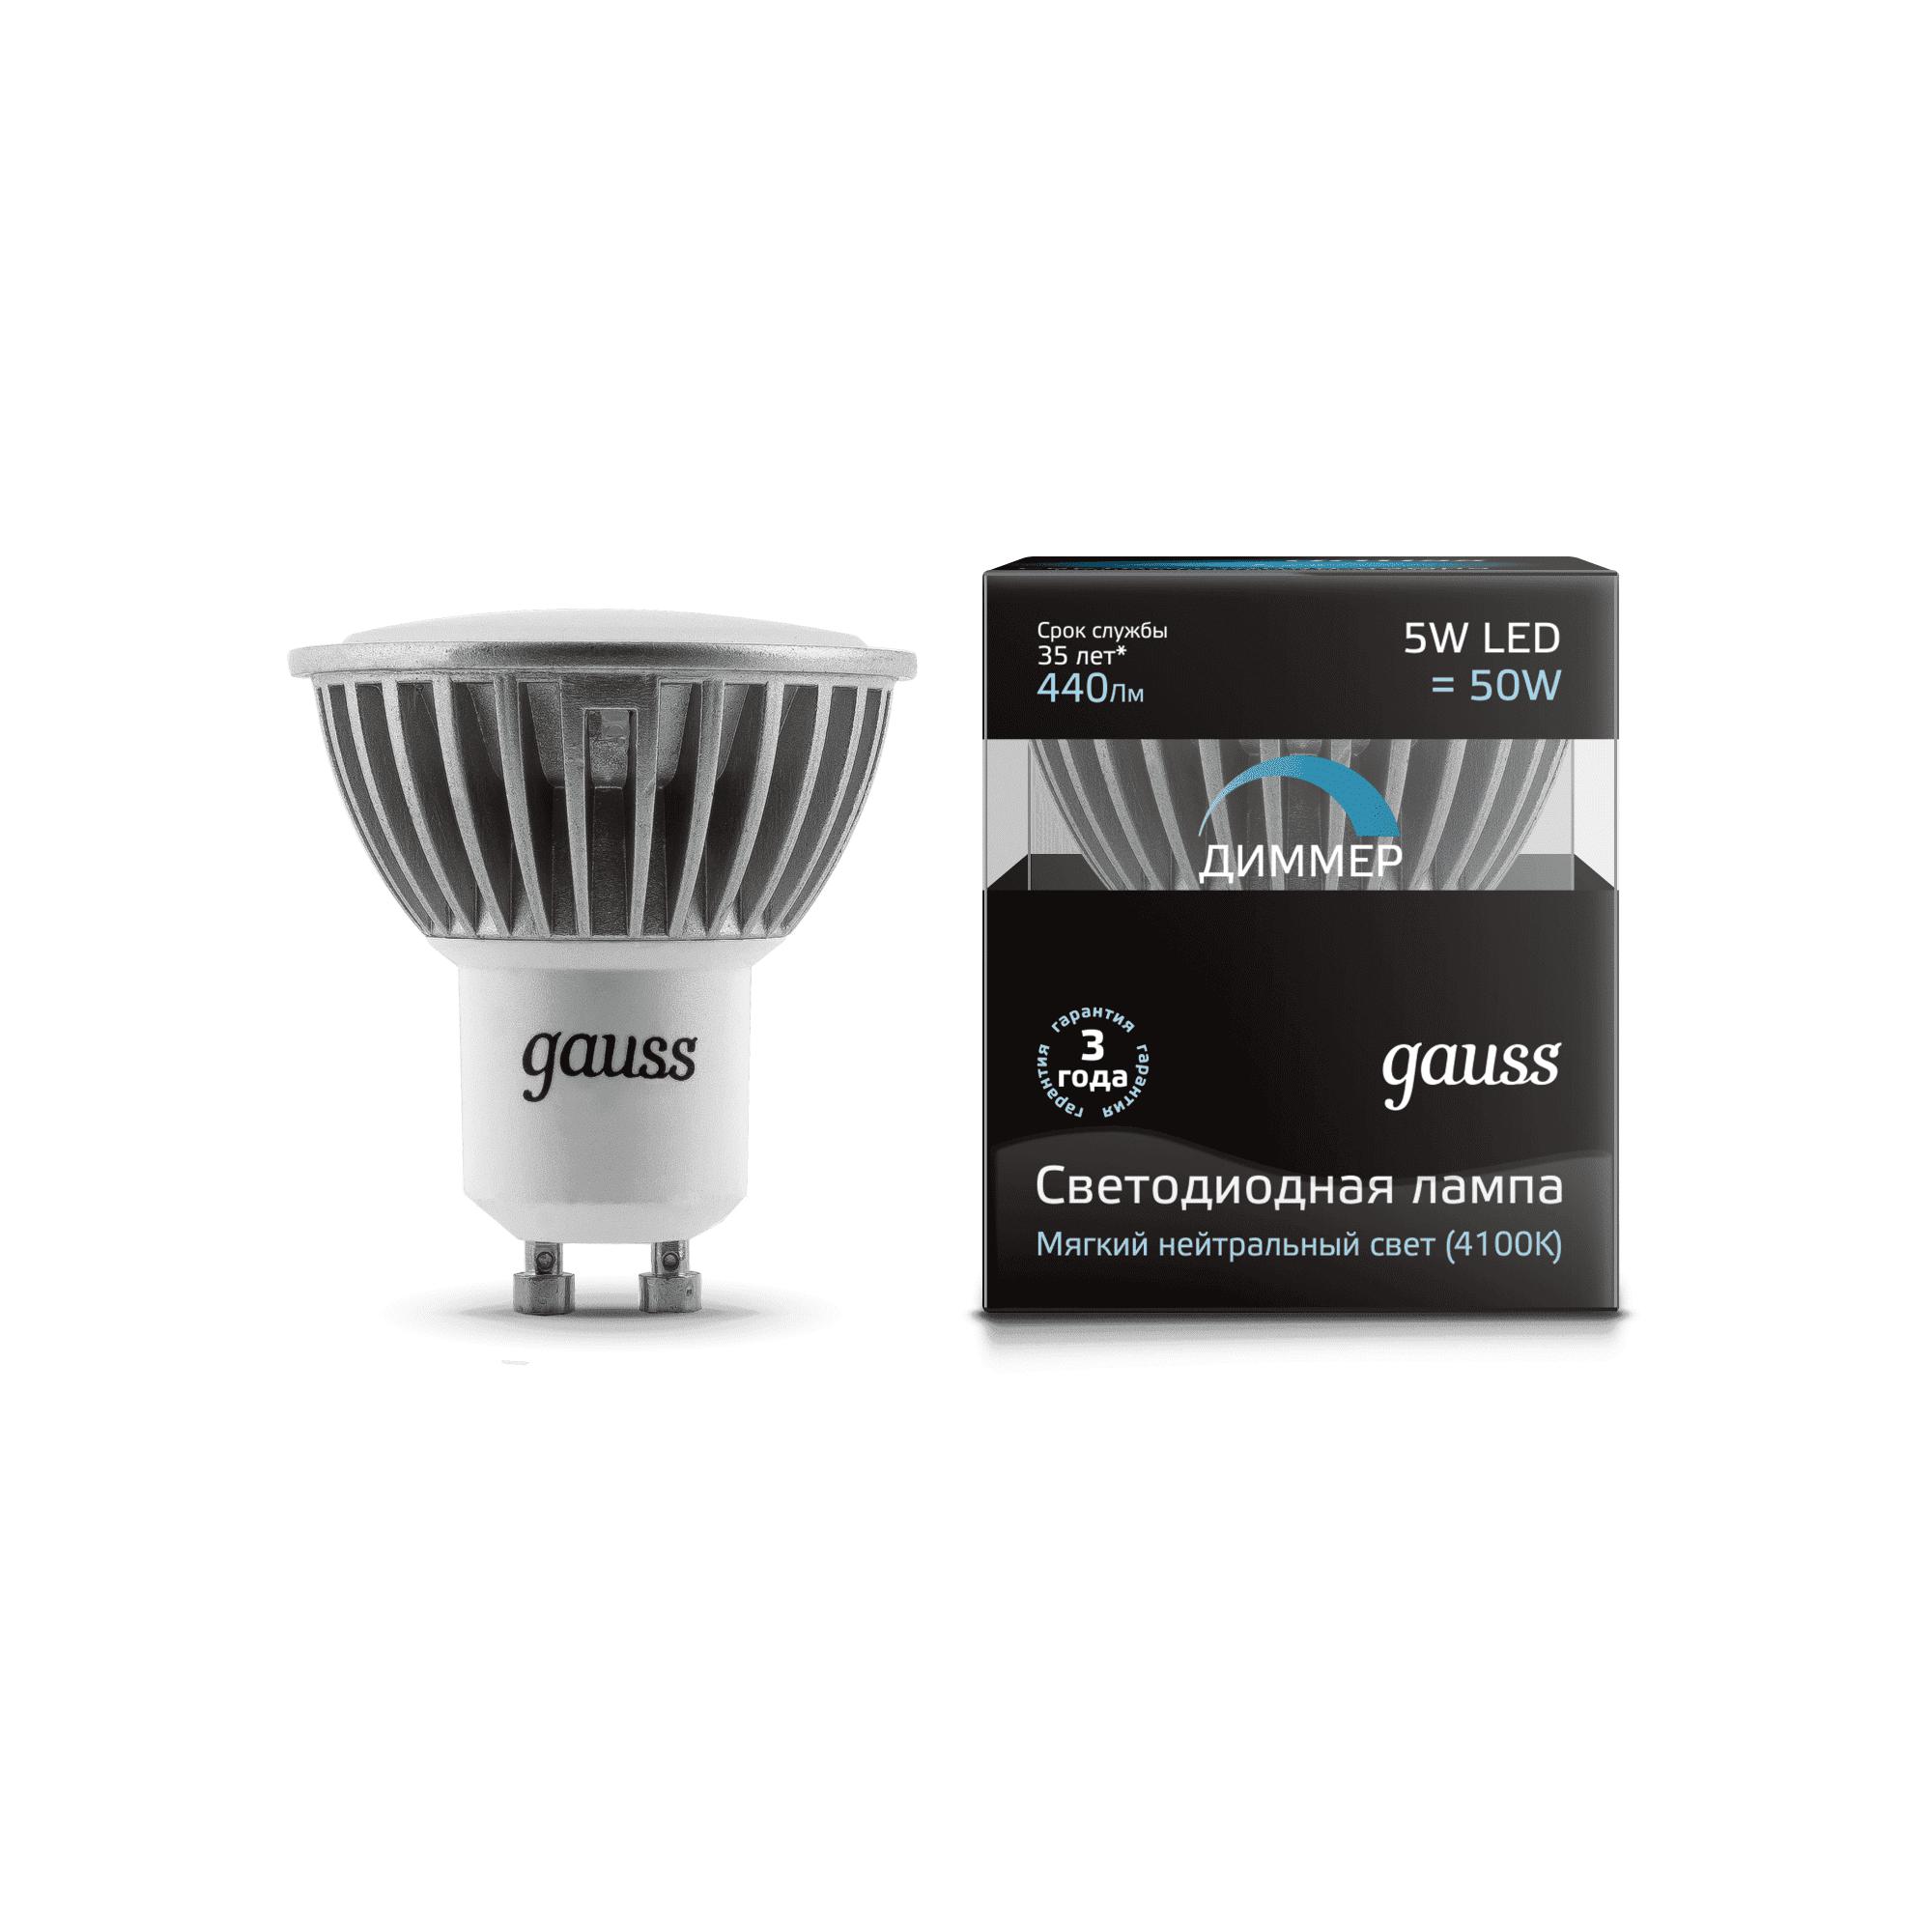 Gauss LED GU10 dim 5W SMD AC220-240V 4100K диммируемая арт. EB101506205-D